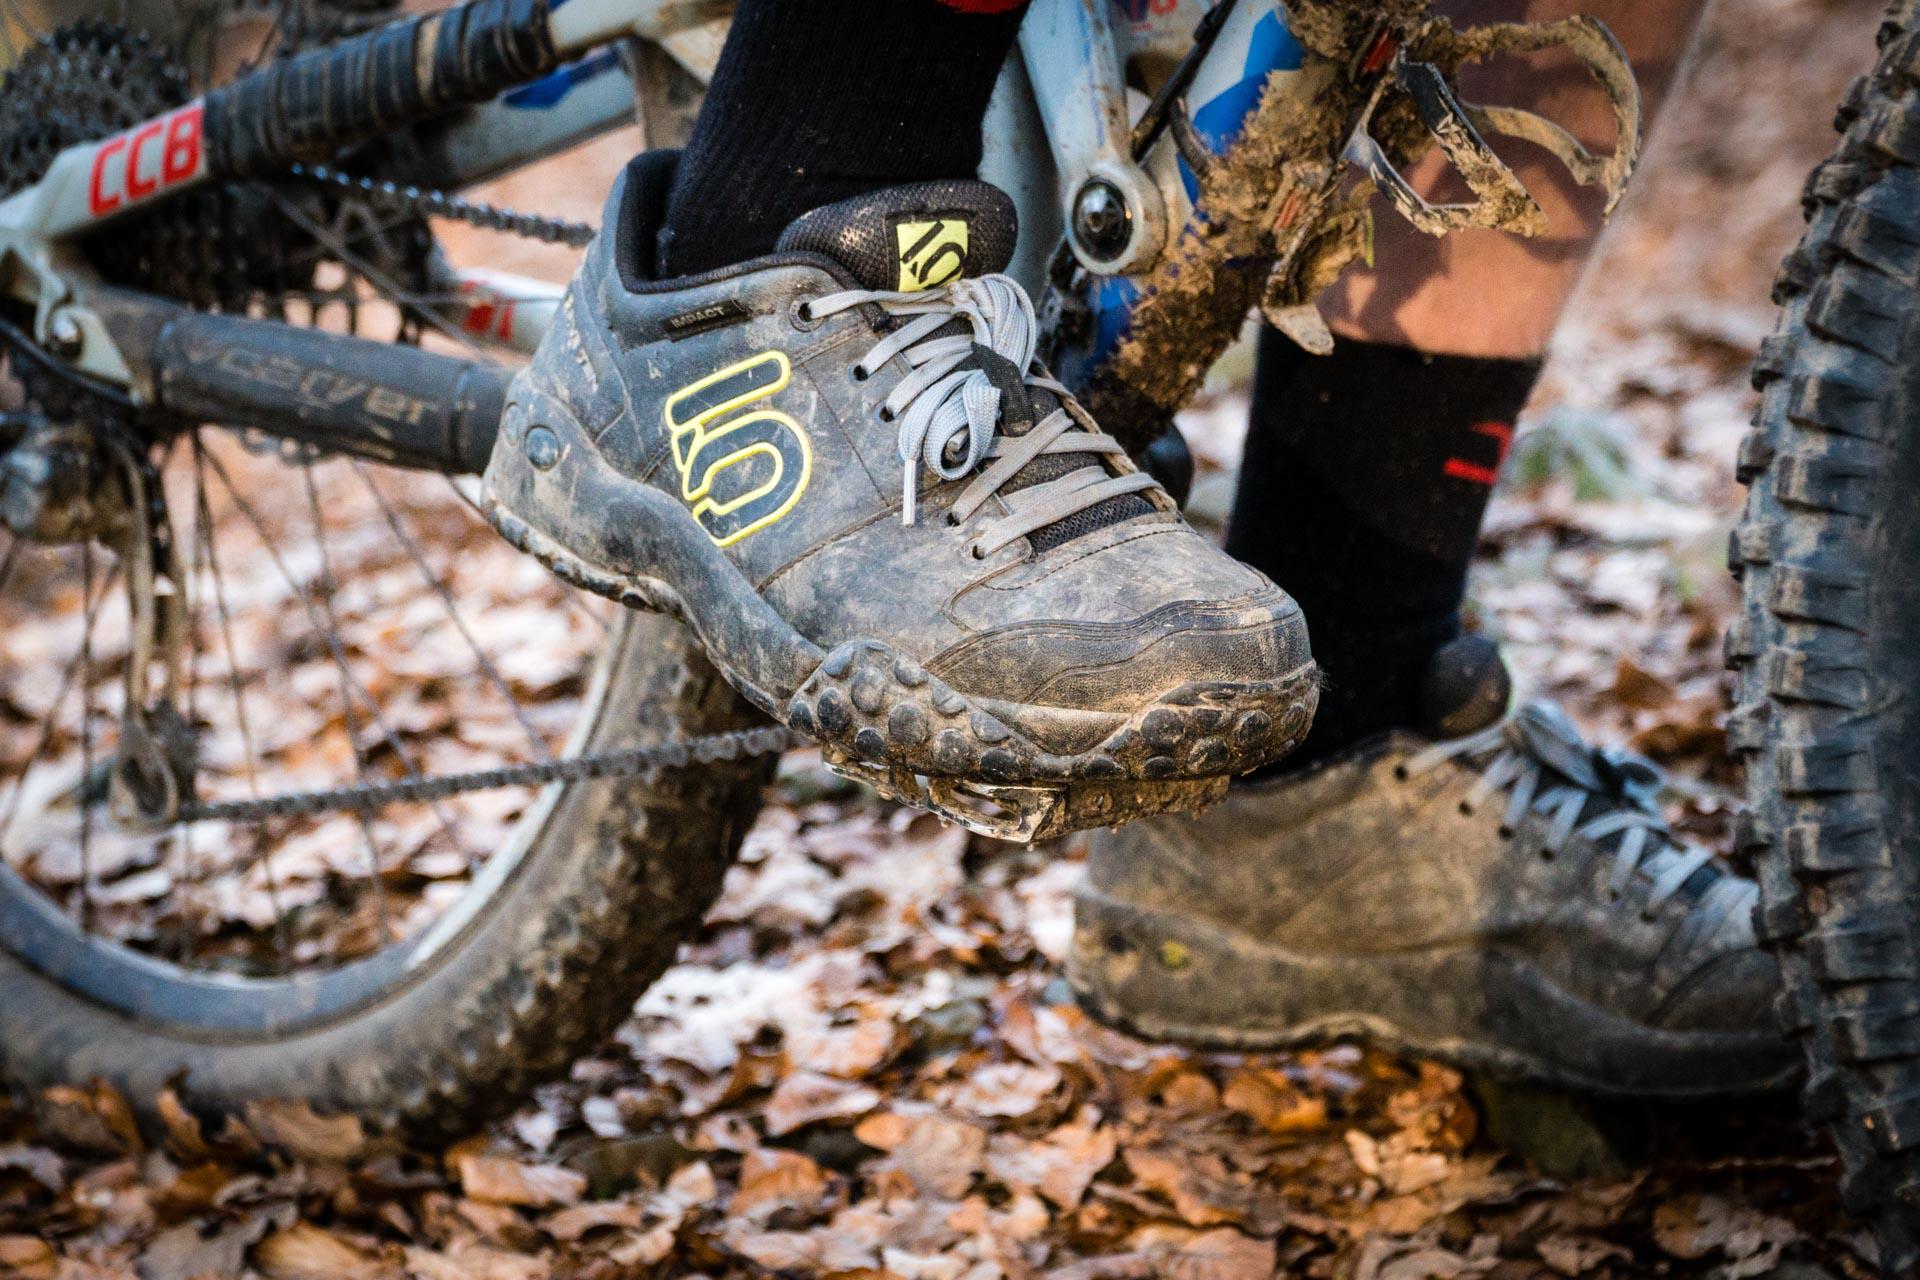 Der dritten Auflage des Five Ten Sam Hill wurde optisch ein Facelift verpasst, der sich sehen lassen kann. Doch was kann der schmucke Schuh noch?